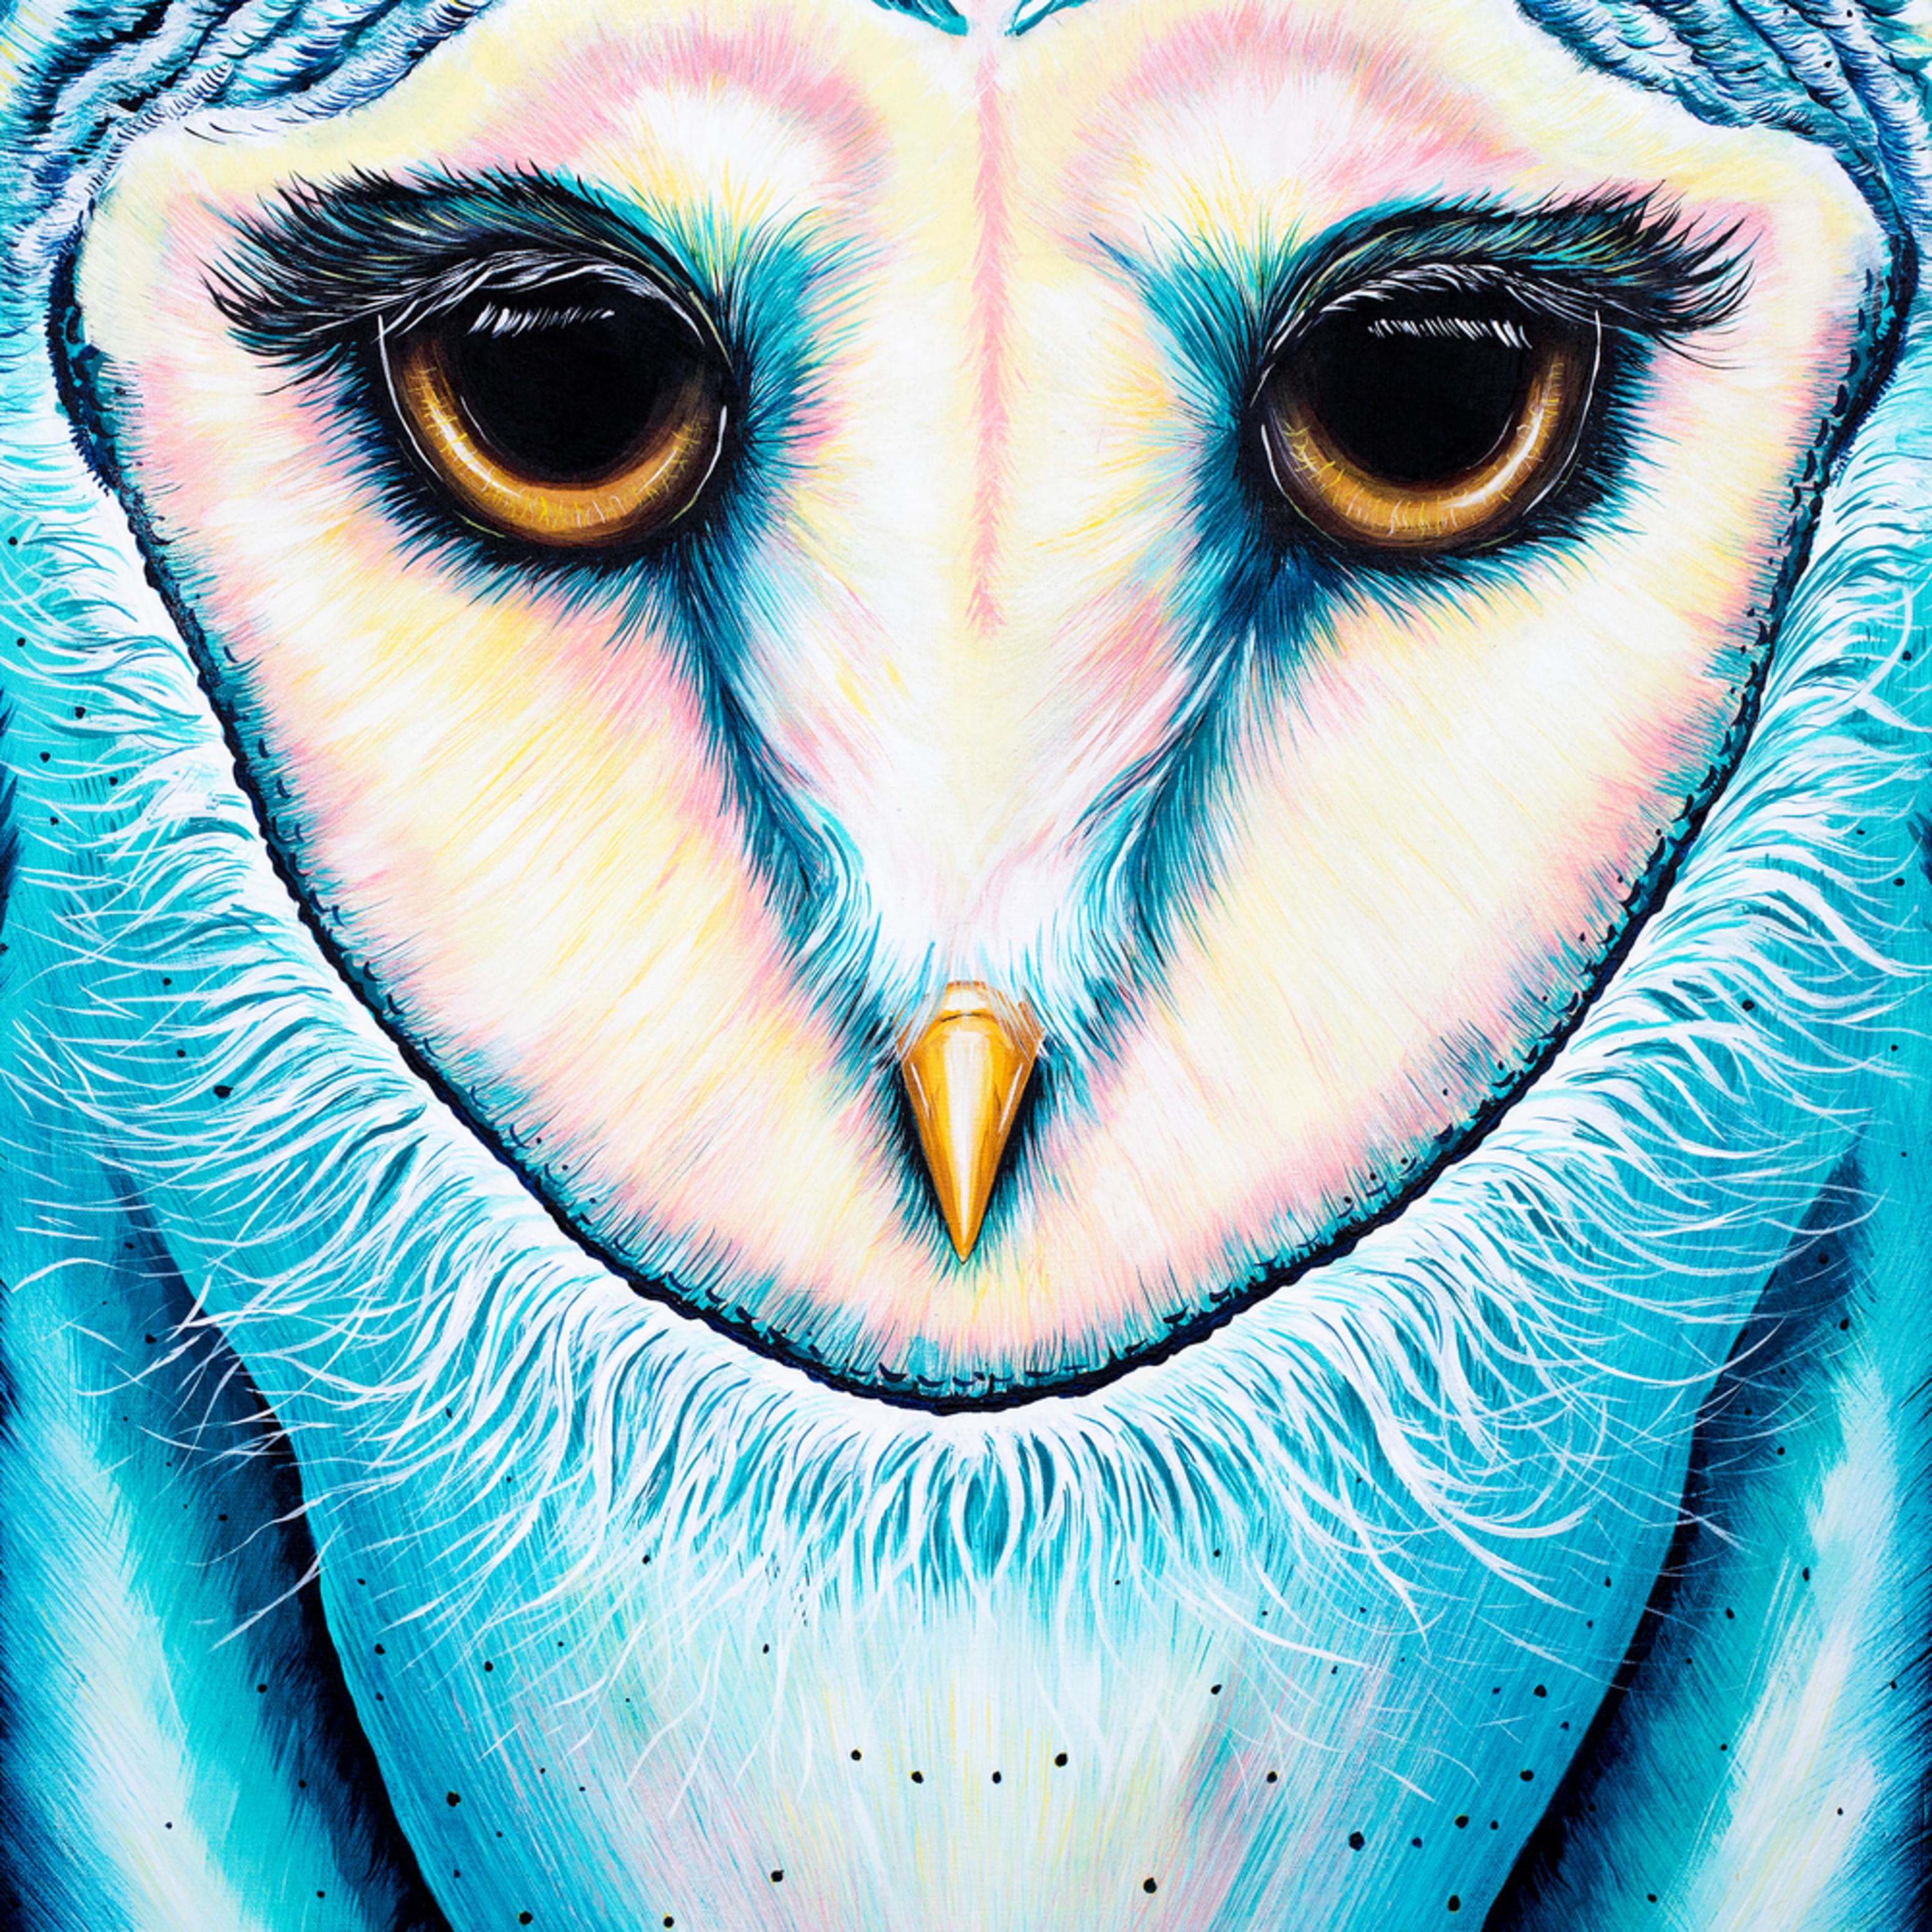 Owl mflsyn